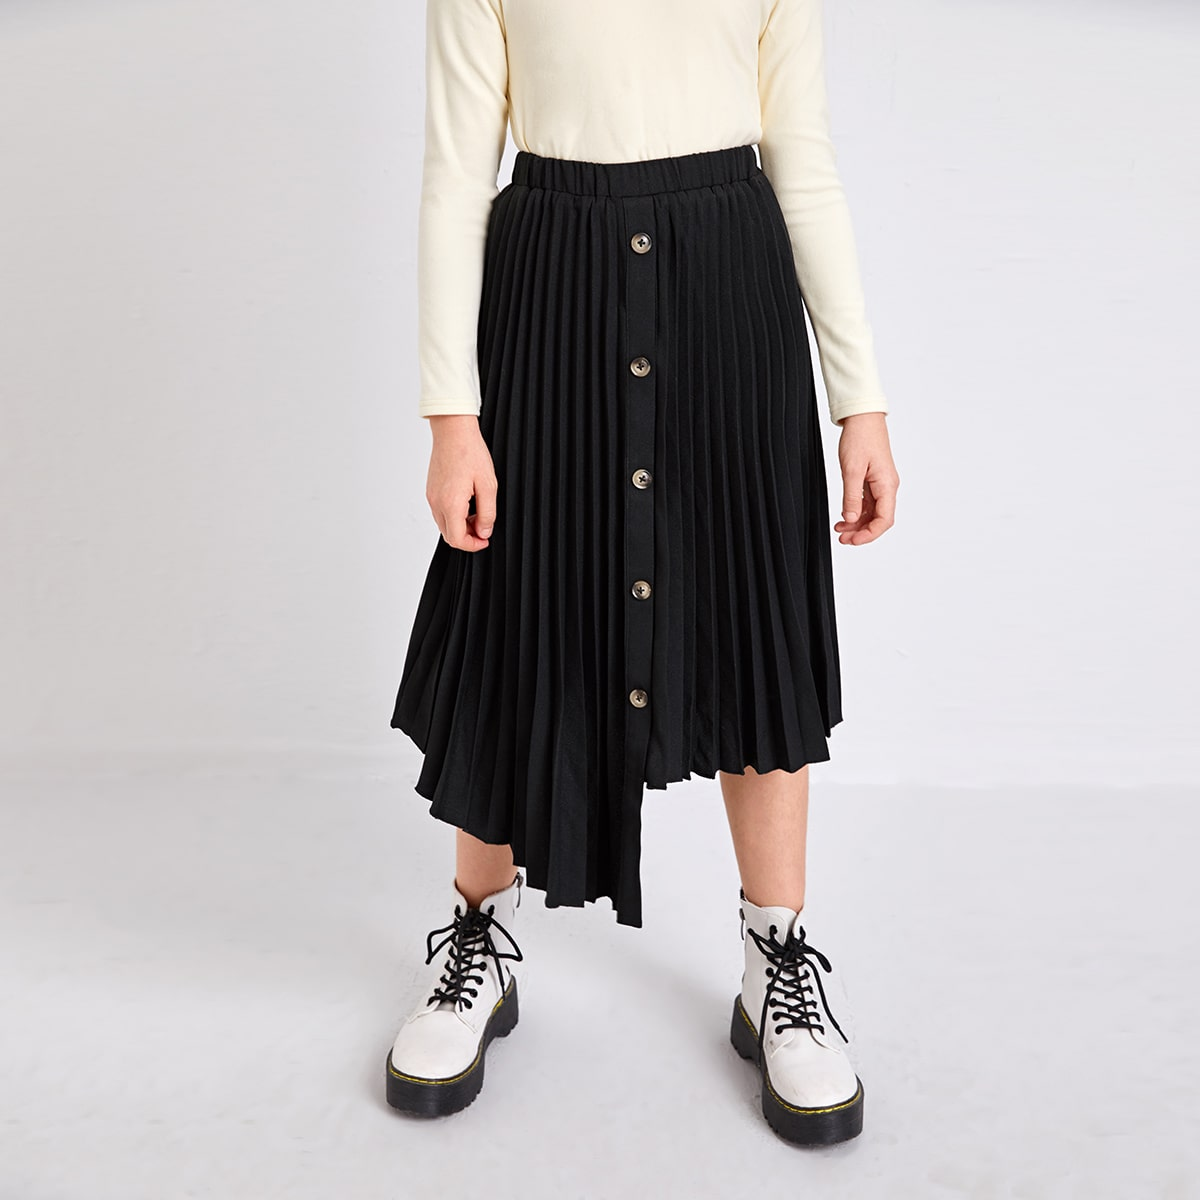 Асимметричный одноцветный повседневный юбки для девочек